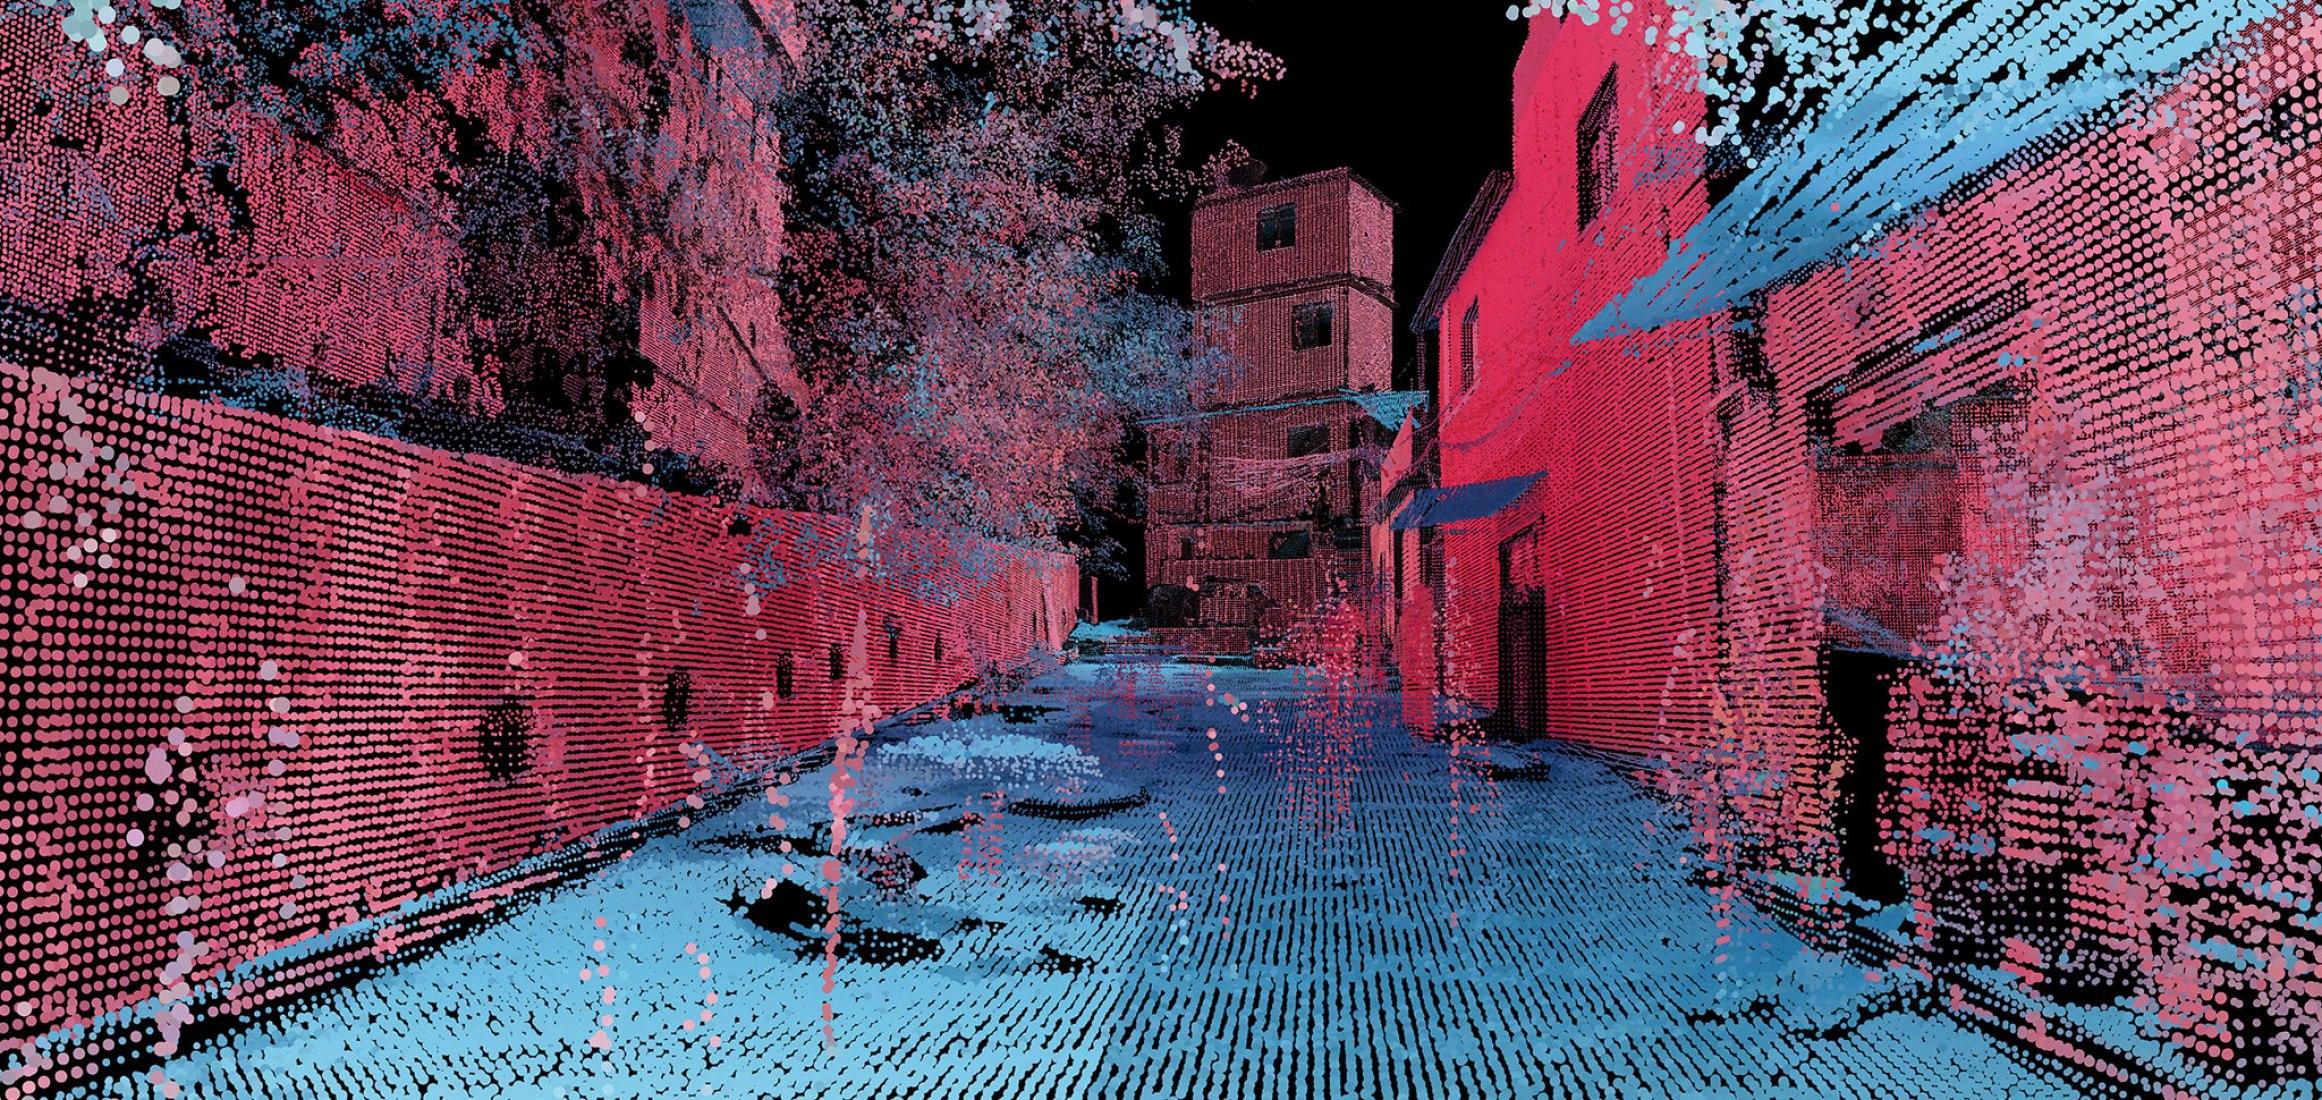 Favelas 4D by MIT Senseable City Lab. Photograph courtesy of MIT Senseable City Lab